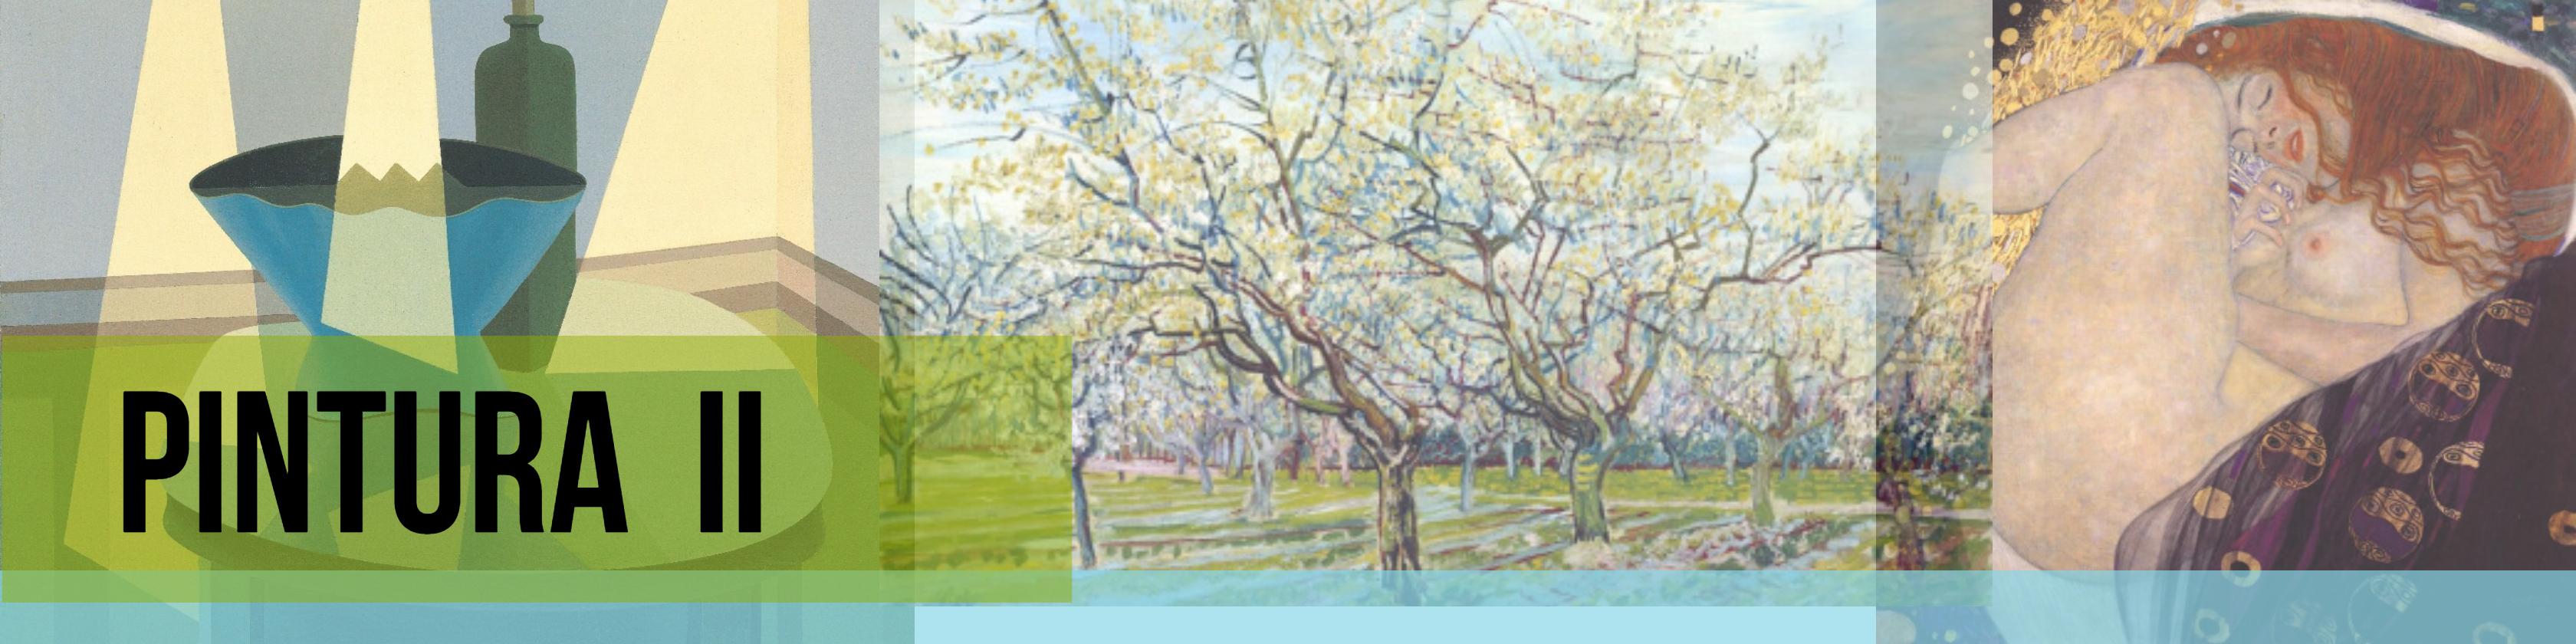 pintura II - 2020